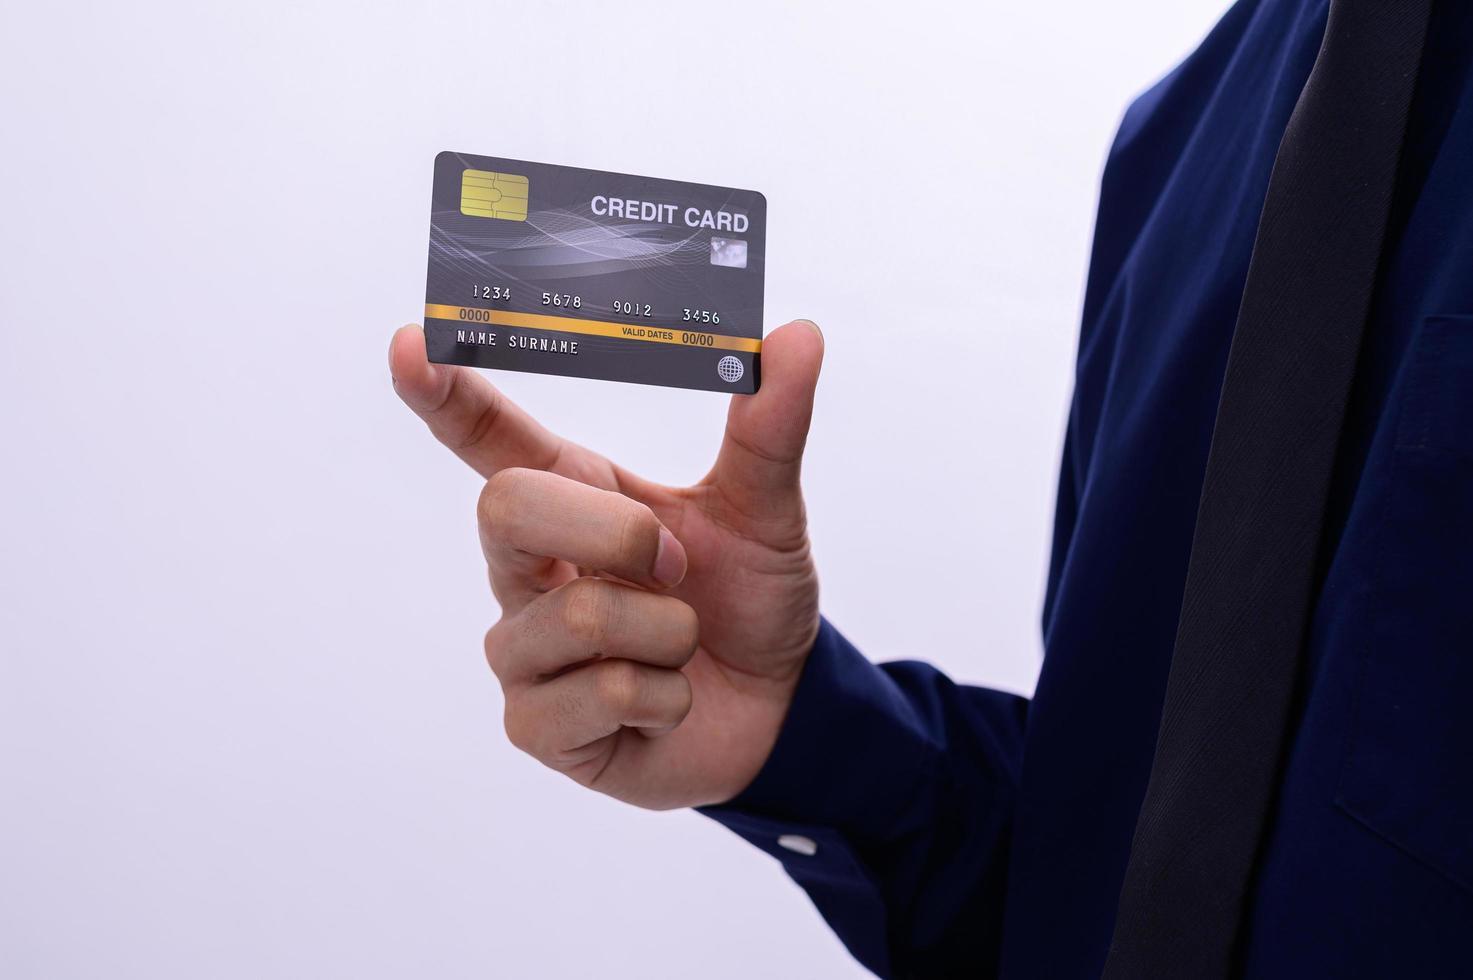 Geschäftsmann, der eine Kreditkarte hält foto